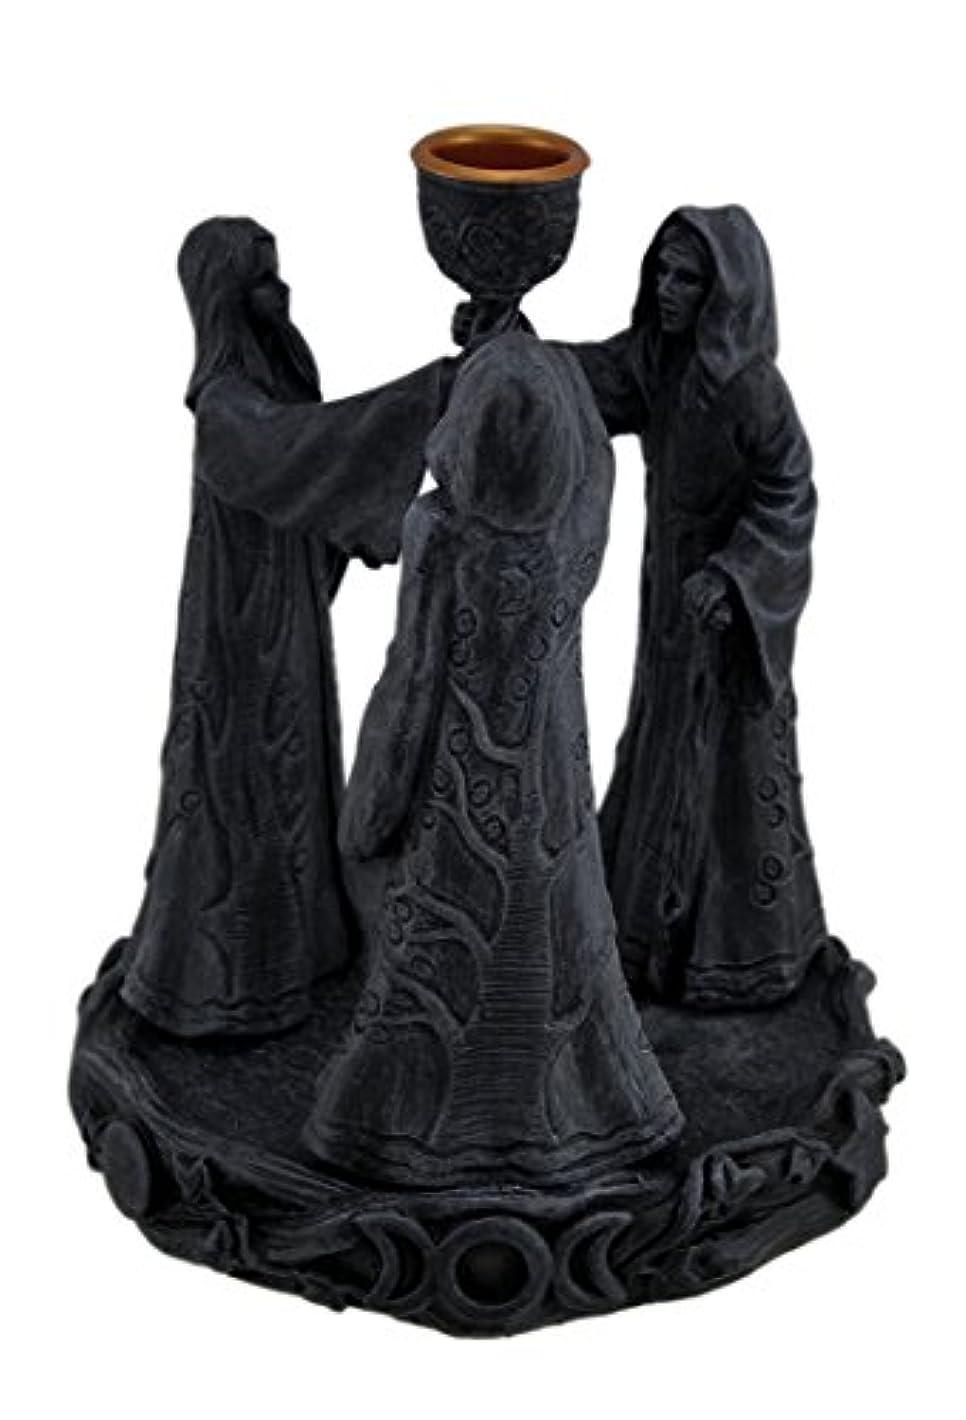 事前にイノセンス暴露する樹脂Incense Holders Maiden母Crone Cone Incense Burner Paganウィッカ5.5 X 7 X 5.5インチ海軍モデル# 2740